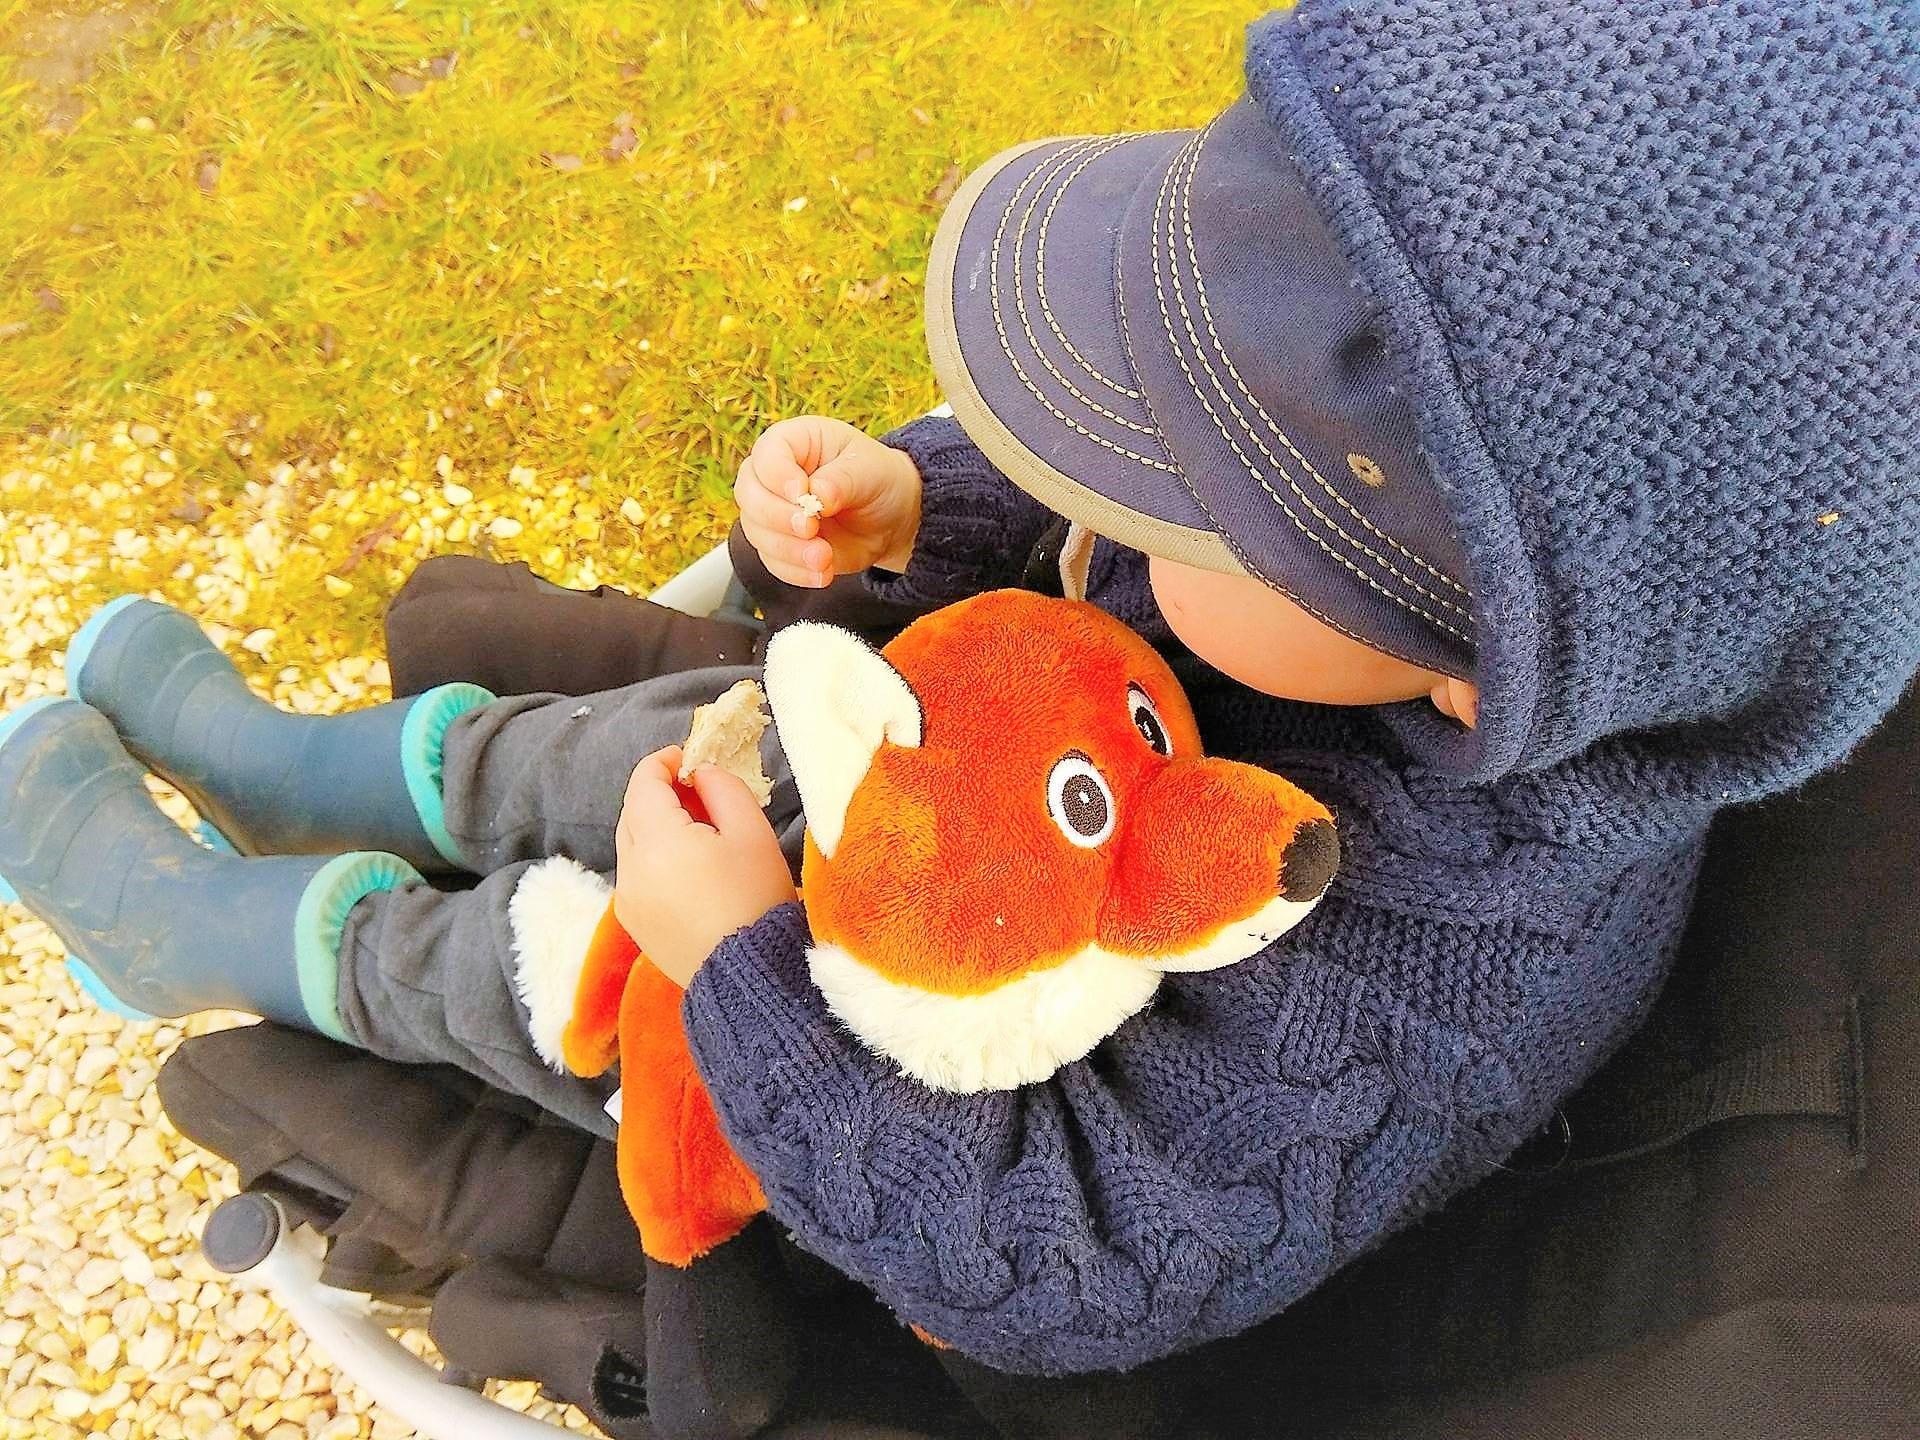 Geschenkideen für zweijährige Knirpse, Kuscheltier, Fuchs, Waldbewohner, Kleinkind, Puddingklecks